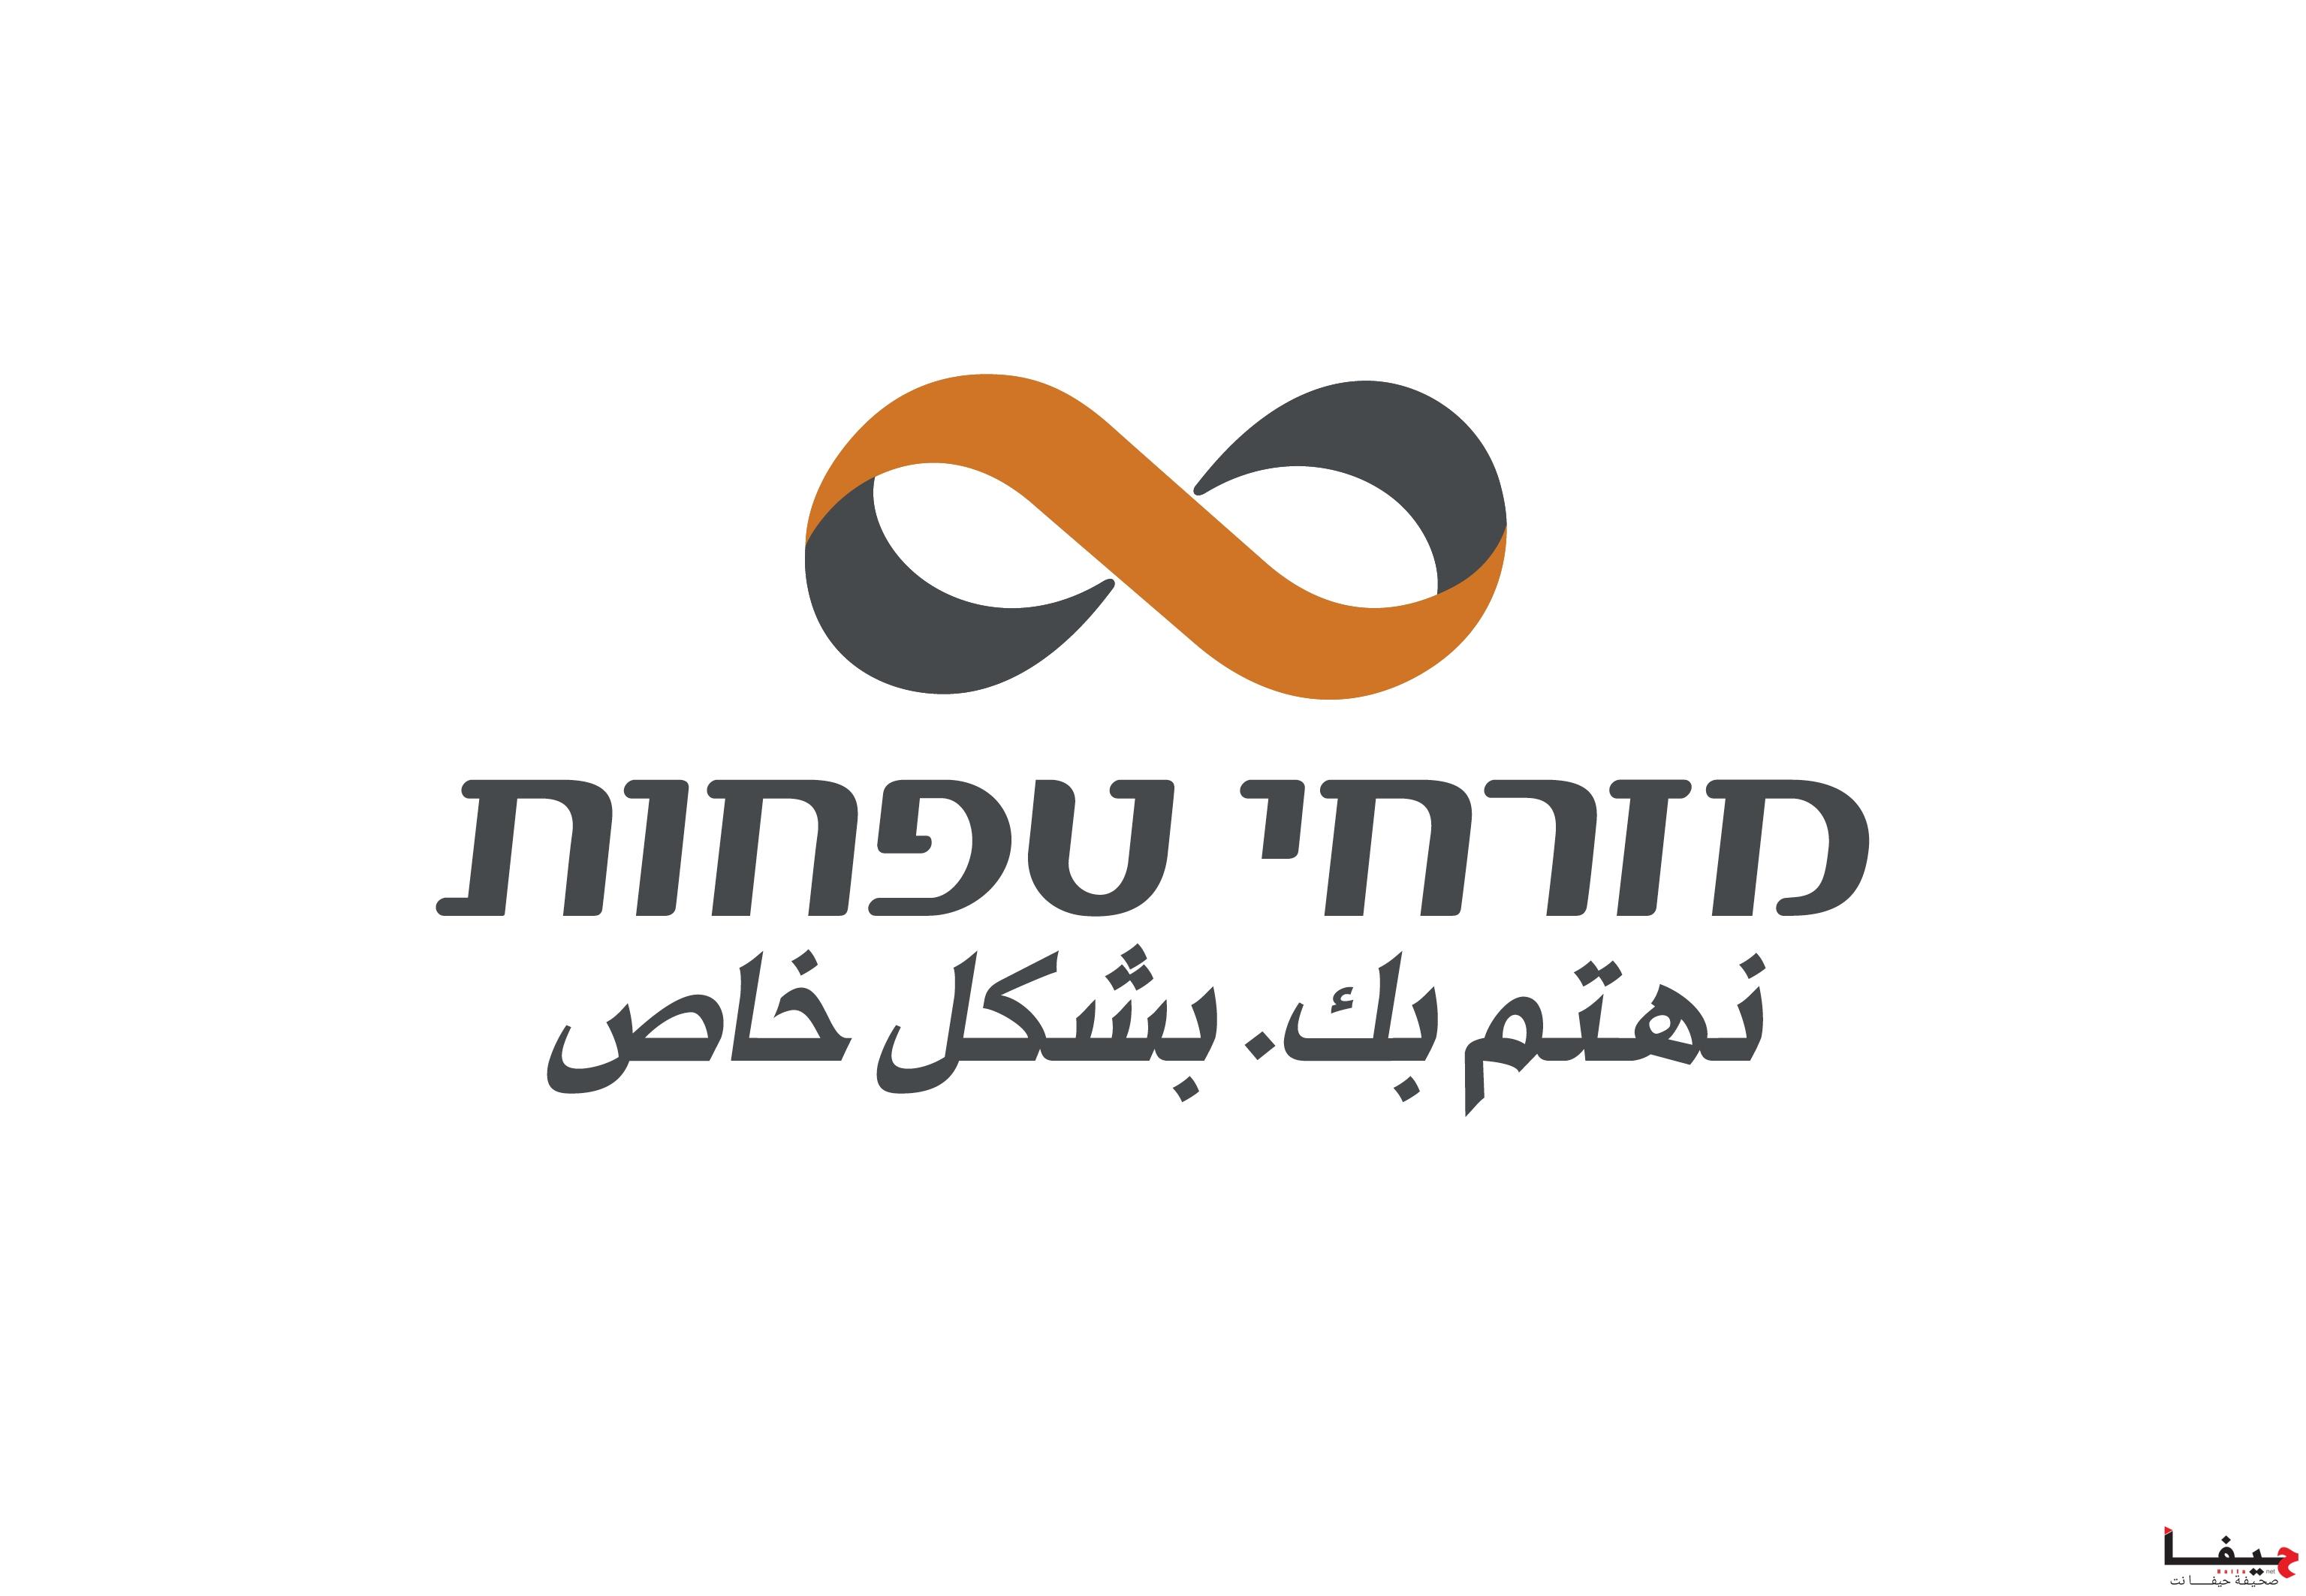 MZR_logo (11)